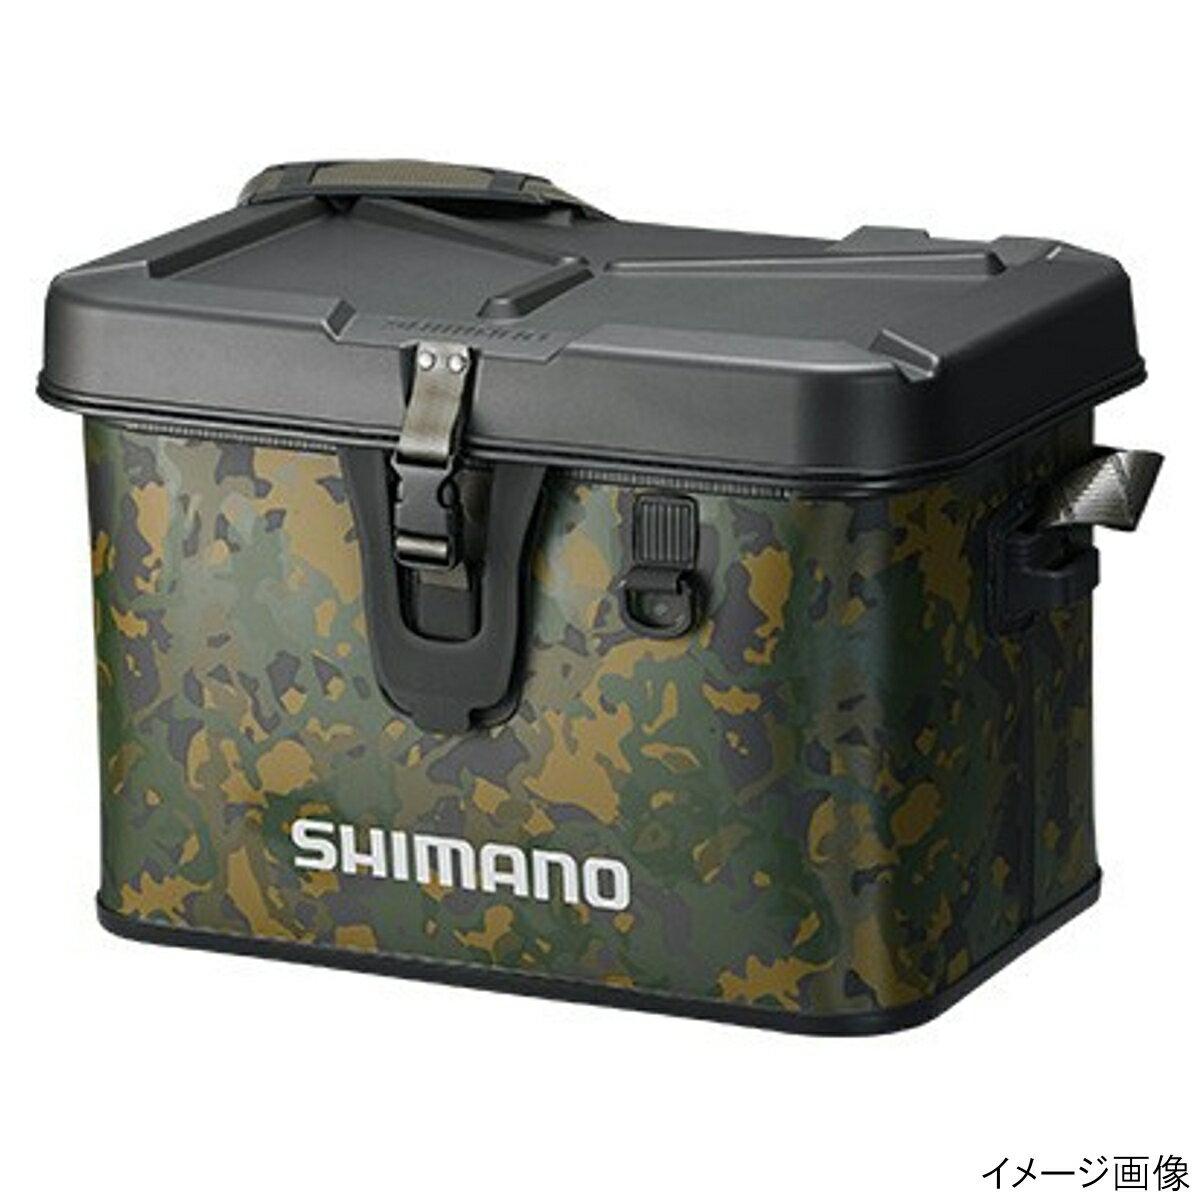 【5月25日は楽天カードがお得!エントリーで最大35倍!】シマノ タックルボートバッグ(ハードタイプ) BK-001Q 27L ベージュウィードカモ